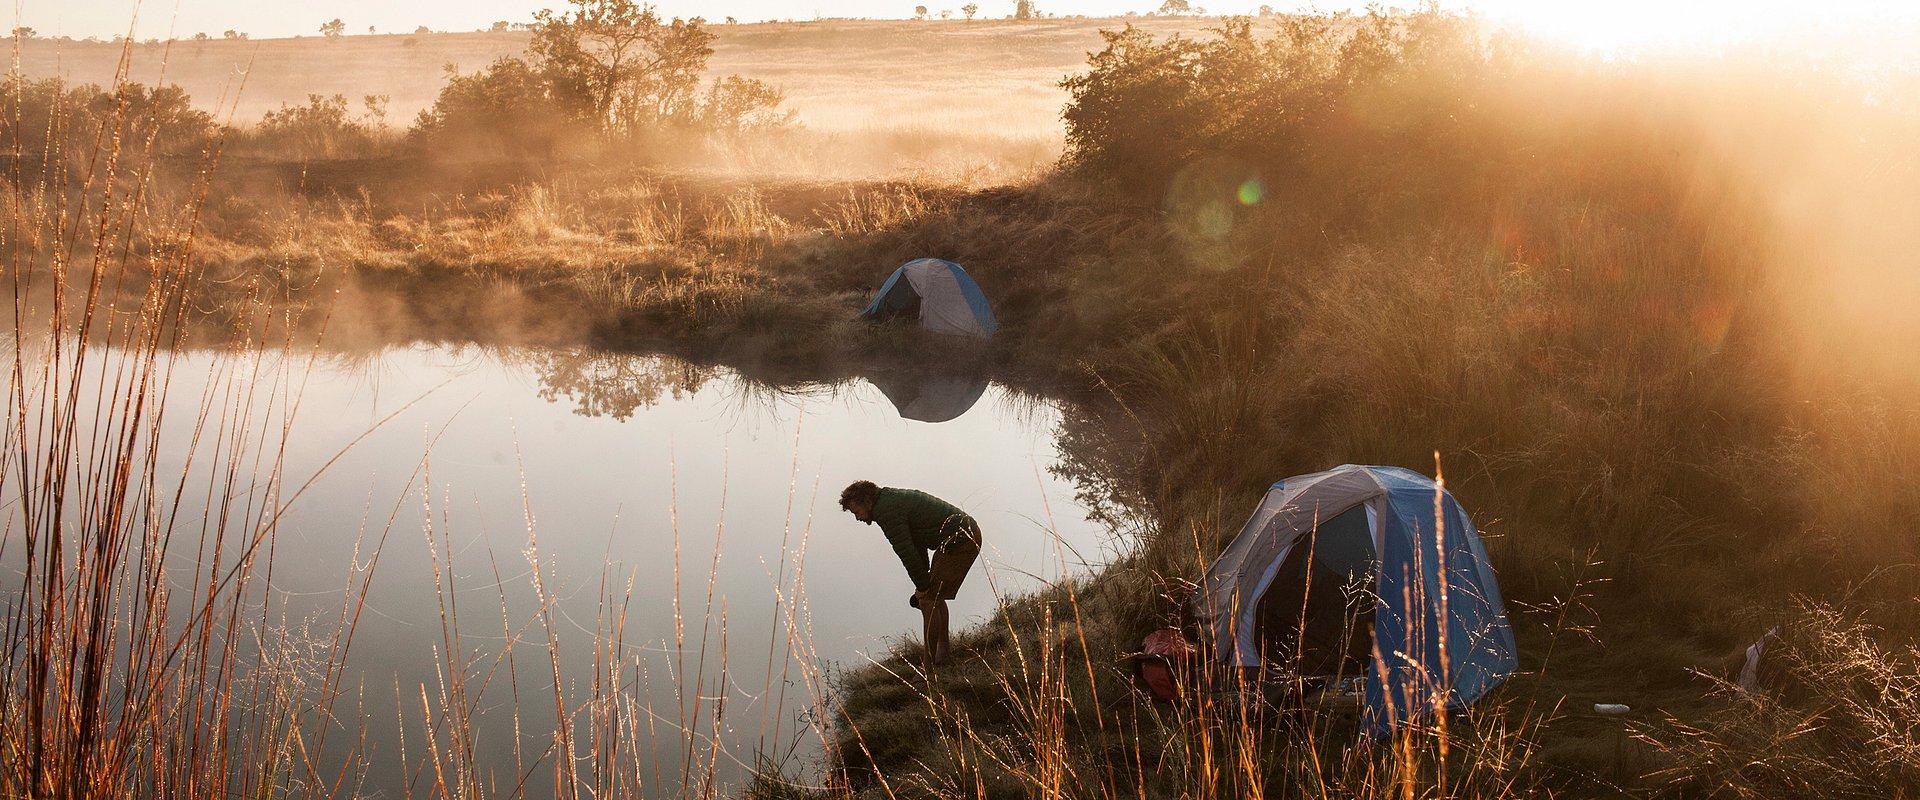 """Ostatnie takie miejsce na Ziemi, które wkrótce może zniknąć. Premiera głośnego filmu """"Delta rzeki Okawango"""" w grudniu na kanale Nat Geo Wild"""